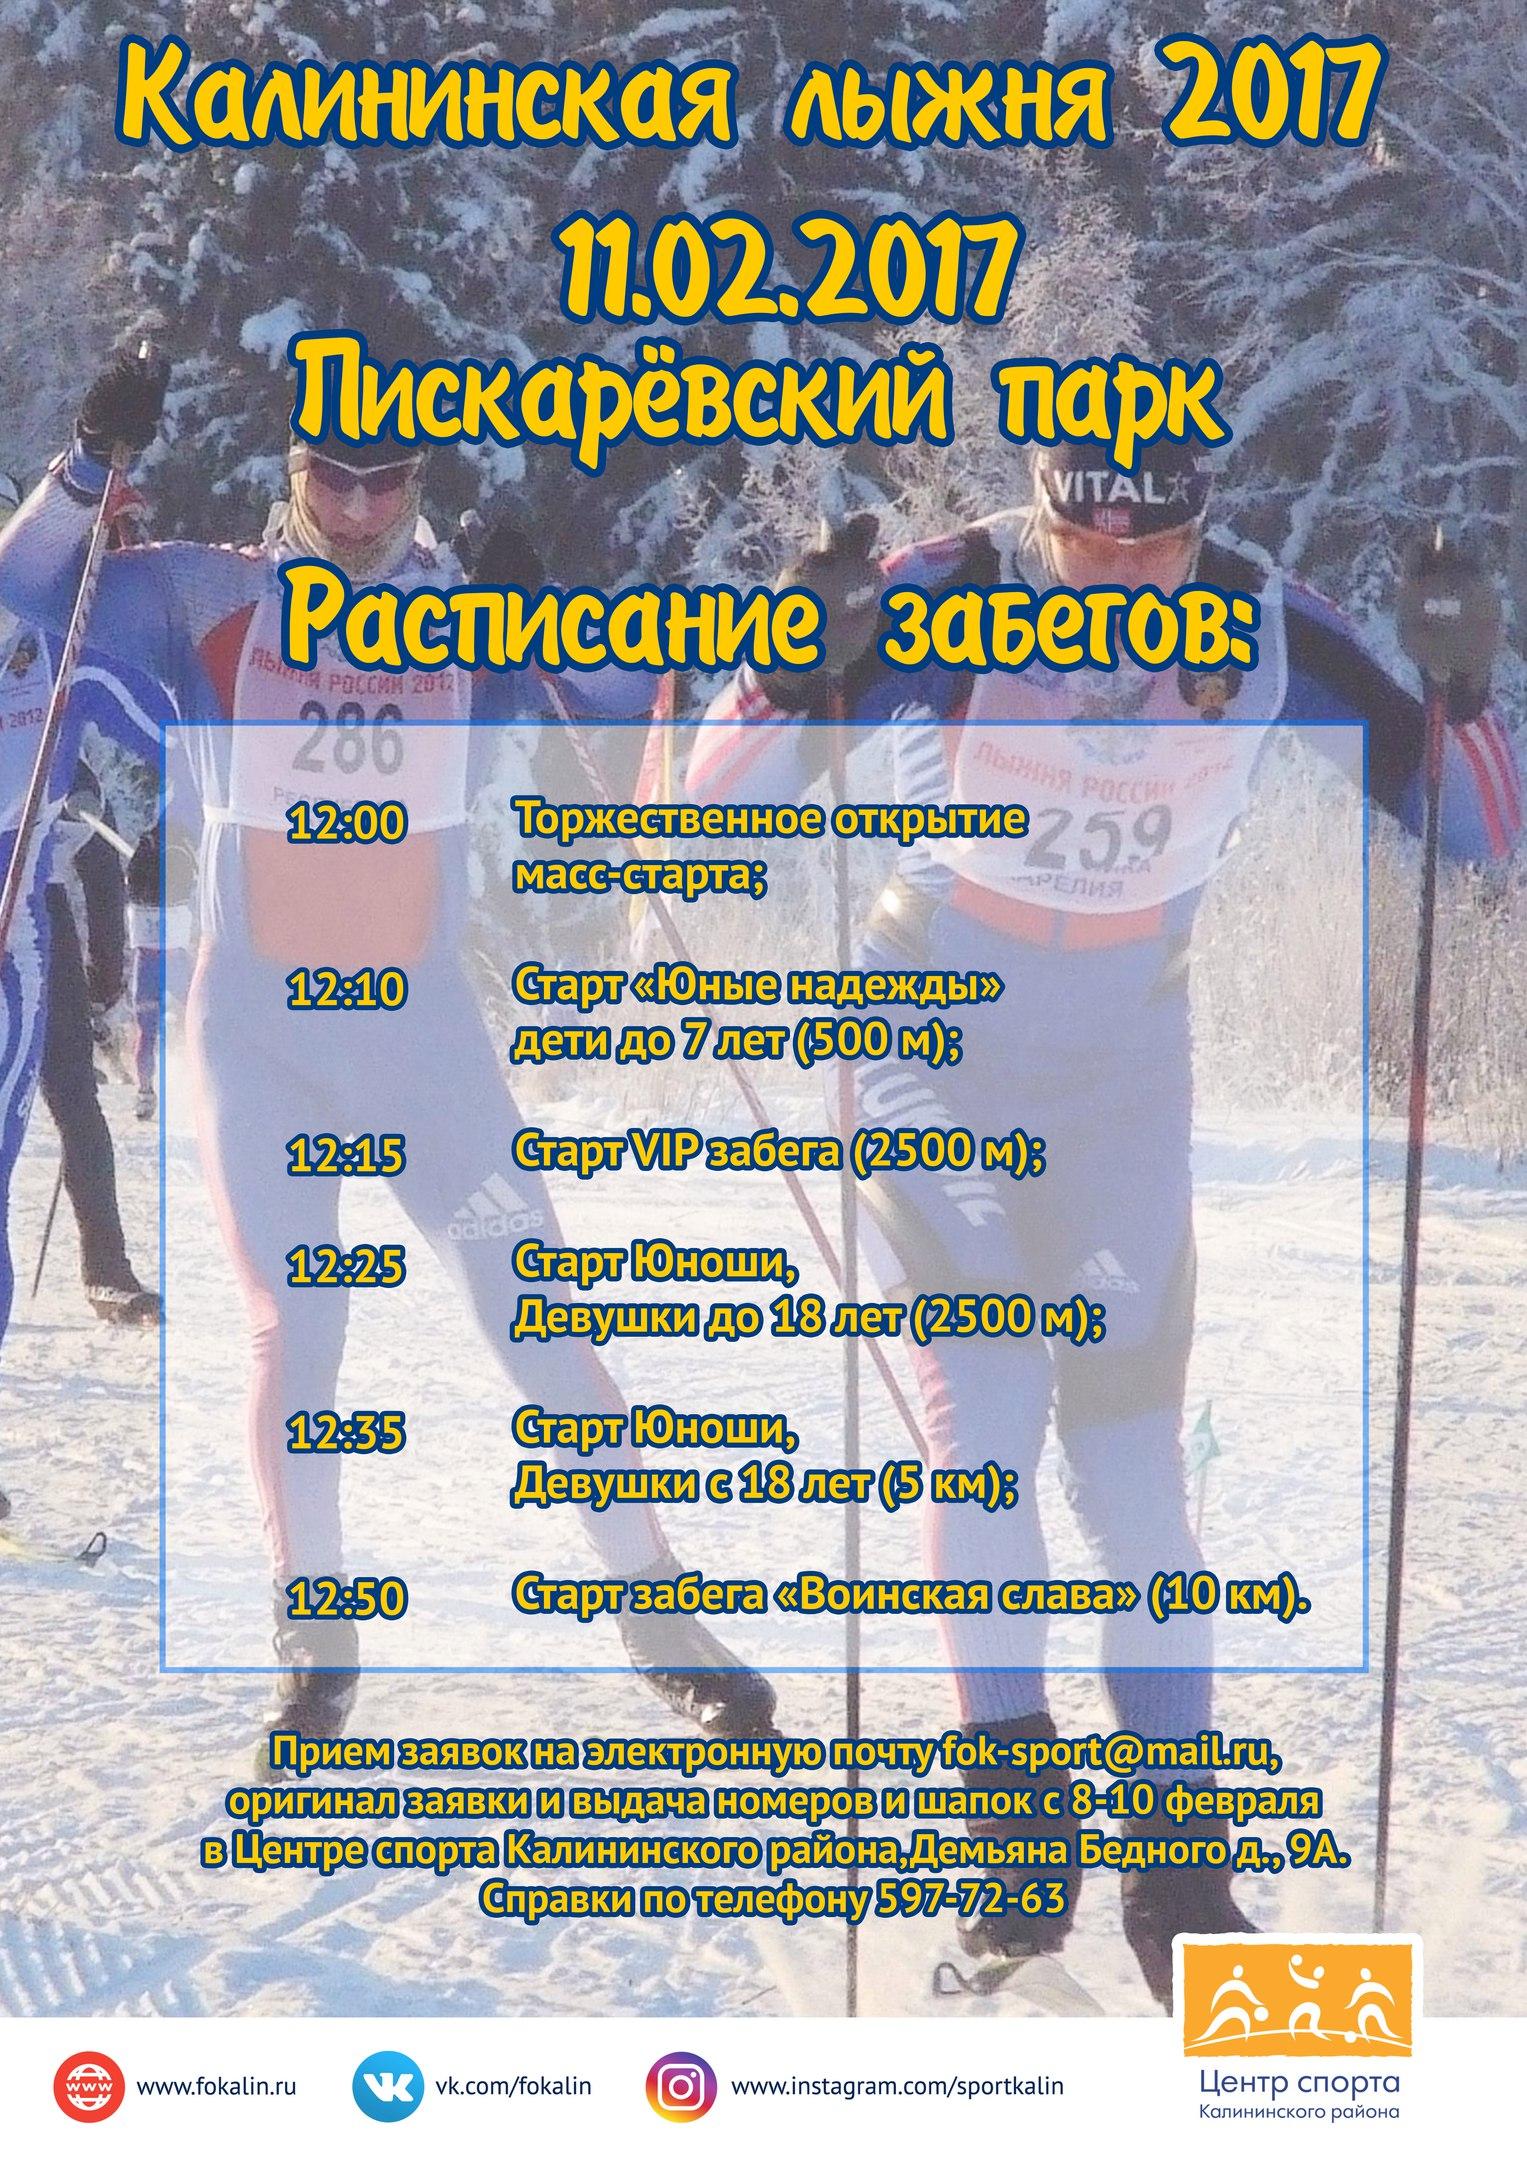 Афиша Калининская лыжня 2017